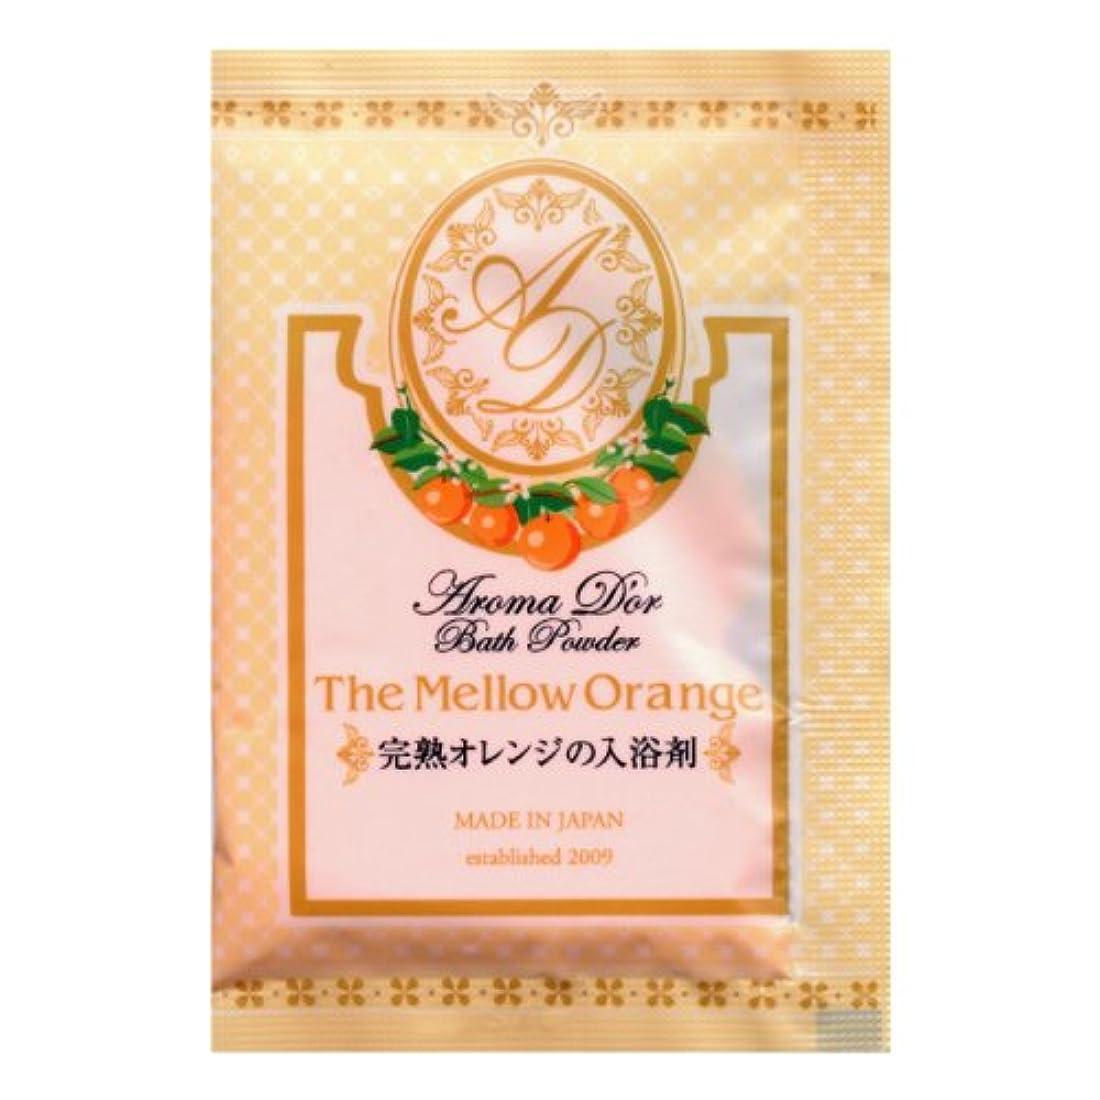 雄弁家いとこラフトアロマドール バスパウダー 完熟オレンジの香り 40包